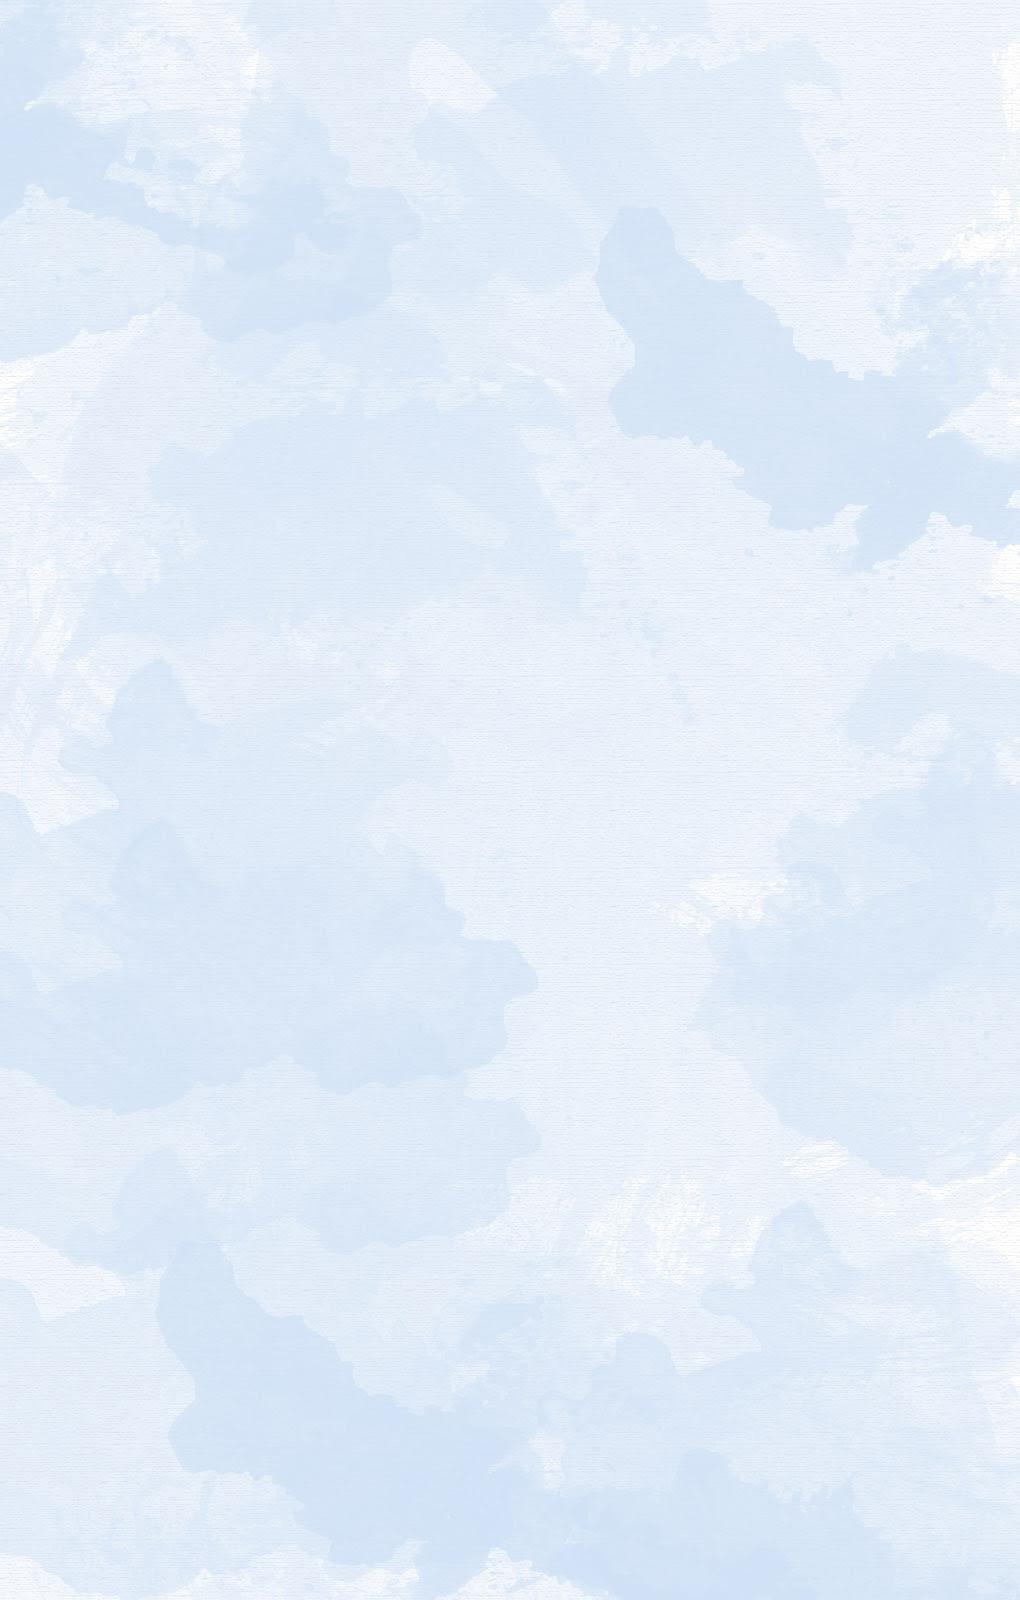 Baby Blue Background Tumblr Contoh Soal Pelajaran Puisi Dan Pidato Populer